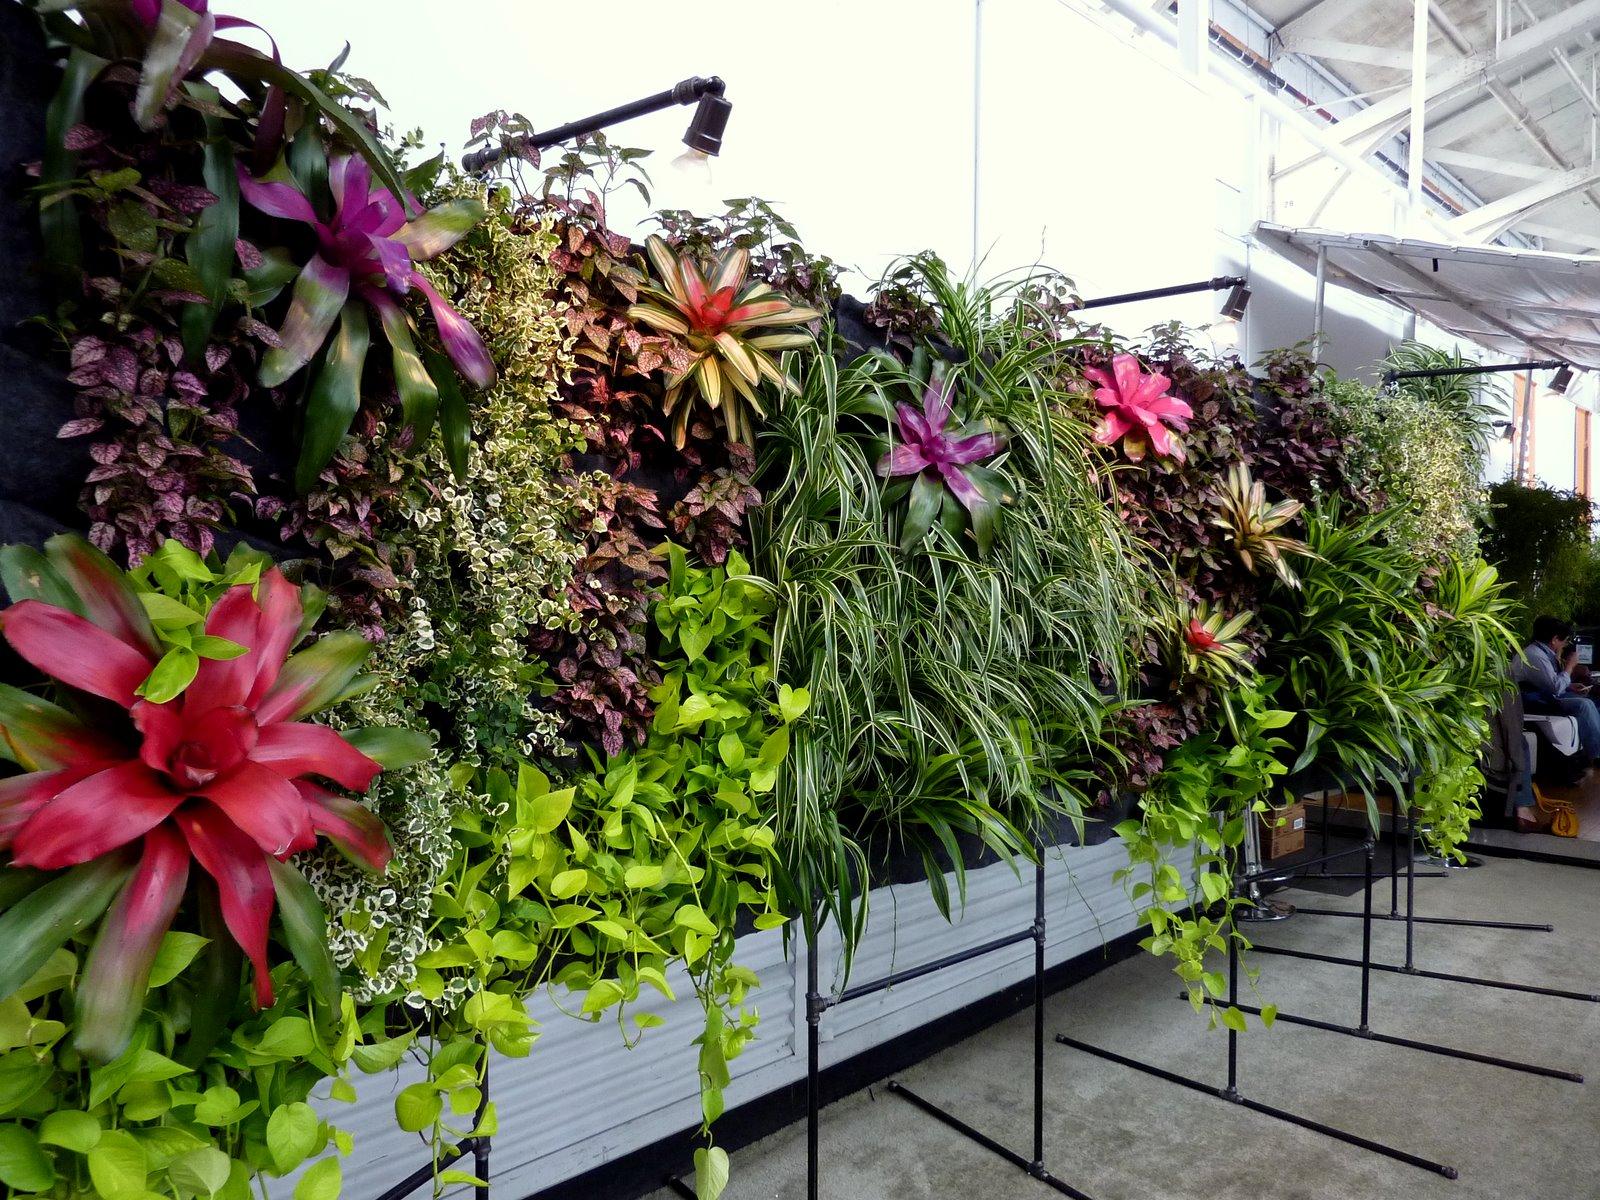 plants on walls vertical garden systems september 2010. Black Bedroom Furniture Sets. Home Design Ideas